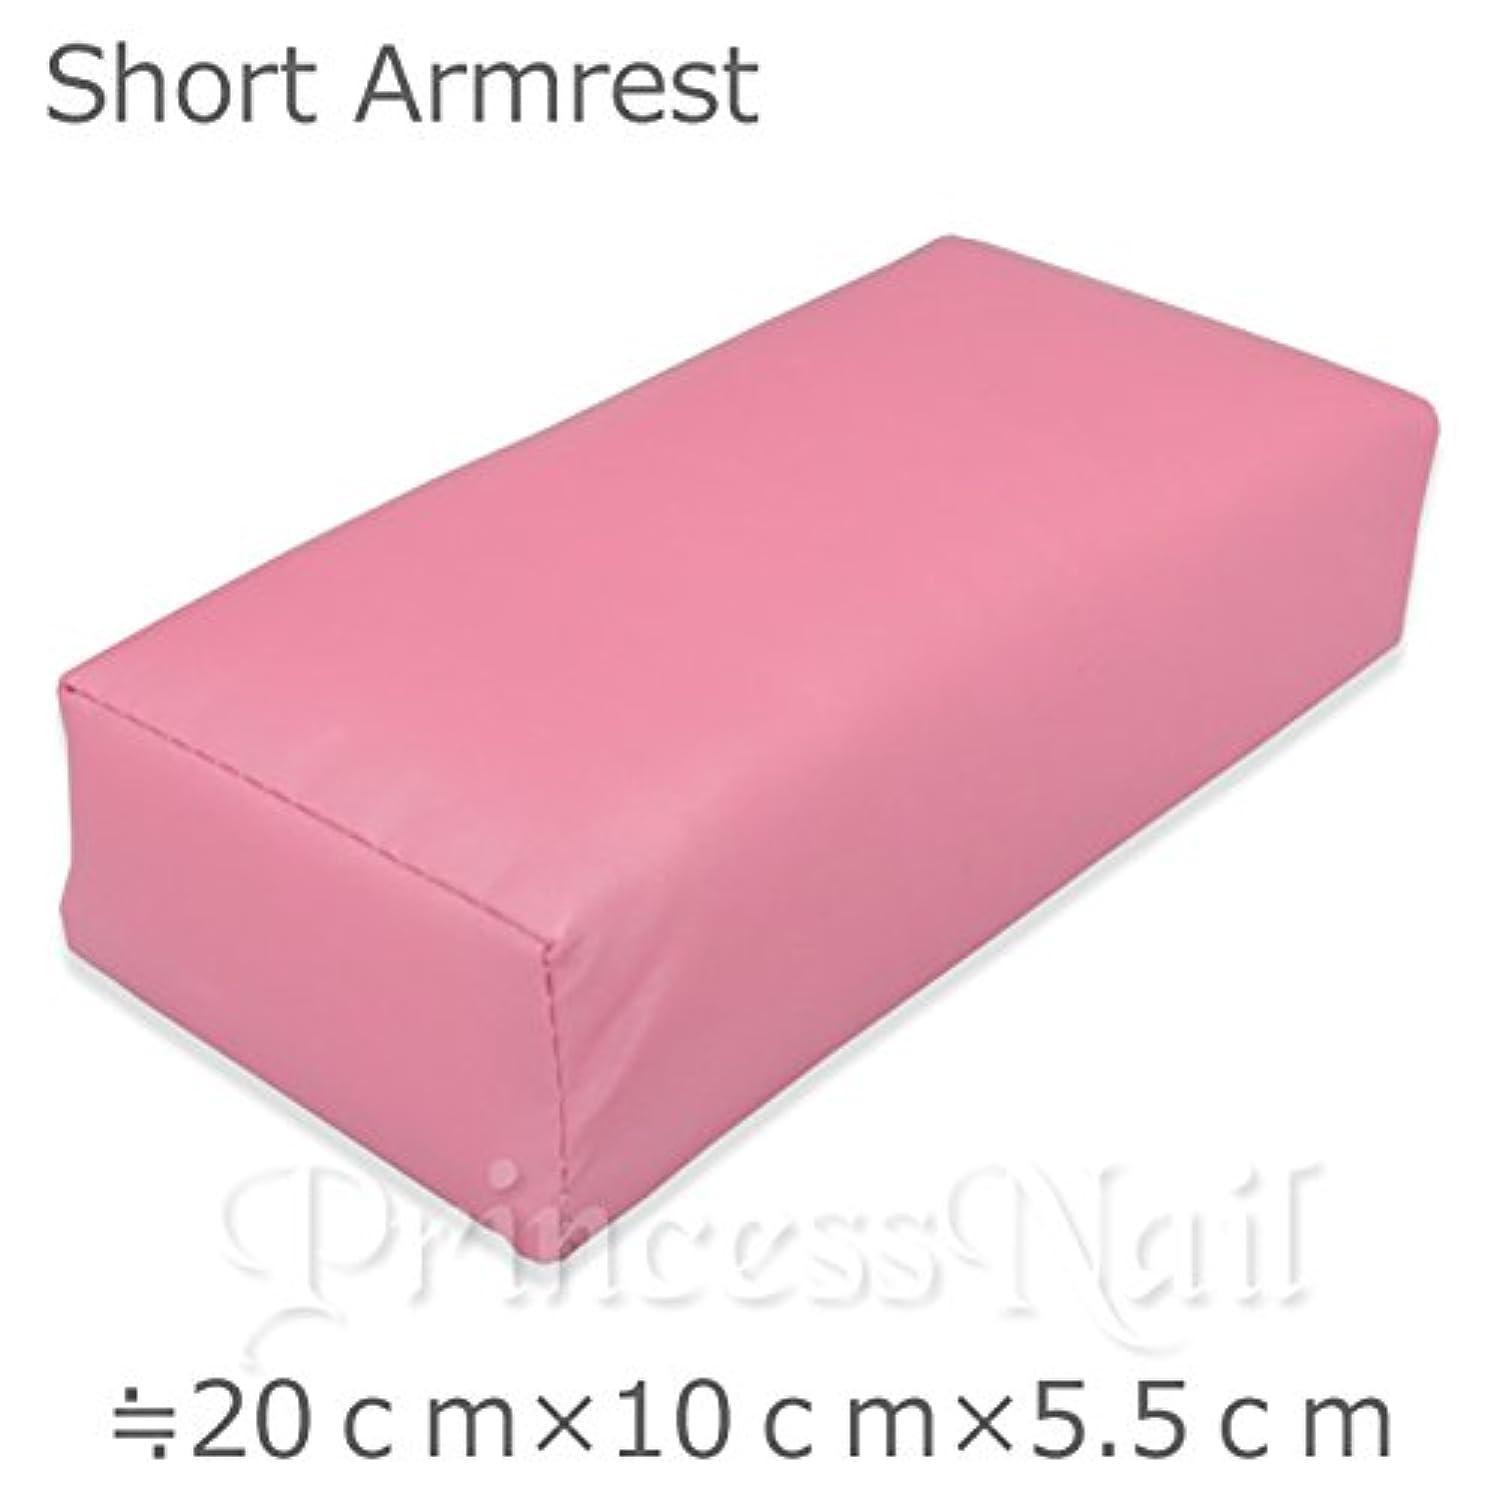 シート身元基礎理論ネイルケア用アームレスト ショートタイプ ハンドピロー 手枕 D10cm×W20cm×H5.5cm ハンド枕